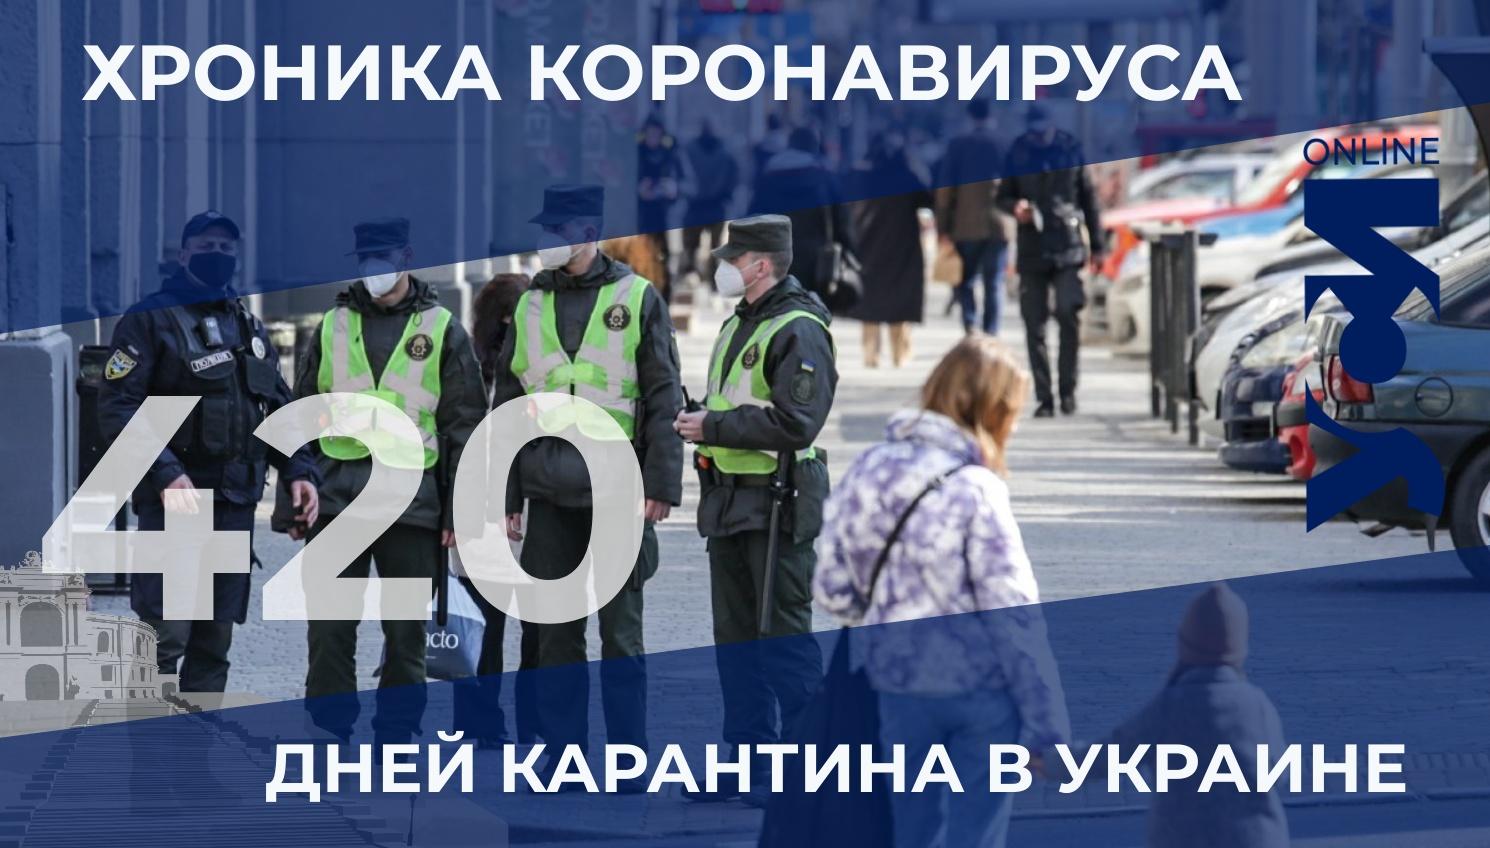 Хроника коронавируса: в Одесской области 216 новых заболевших «фото»